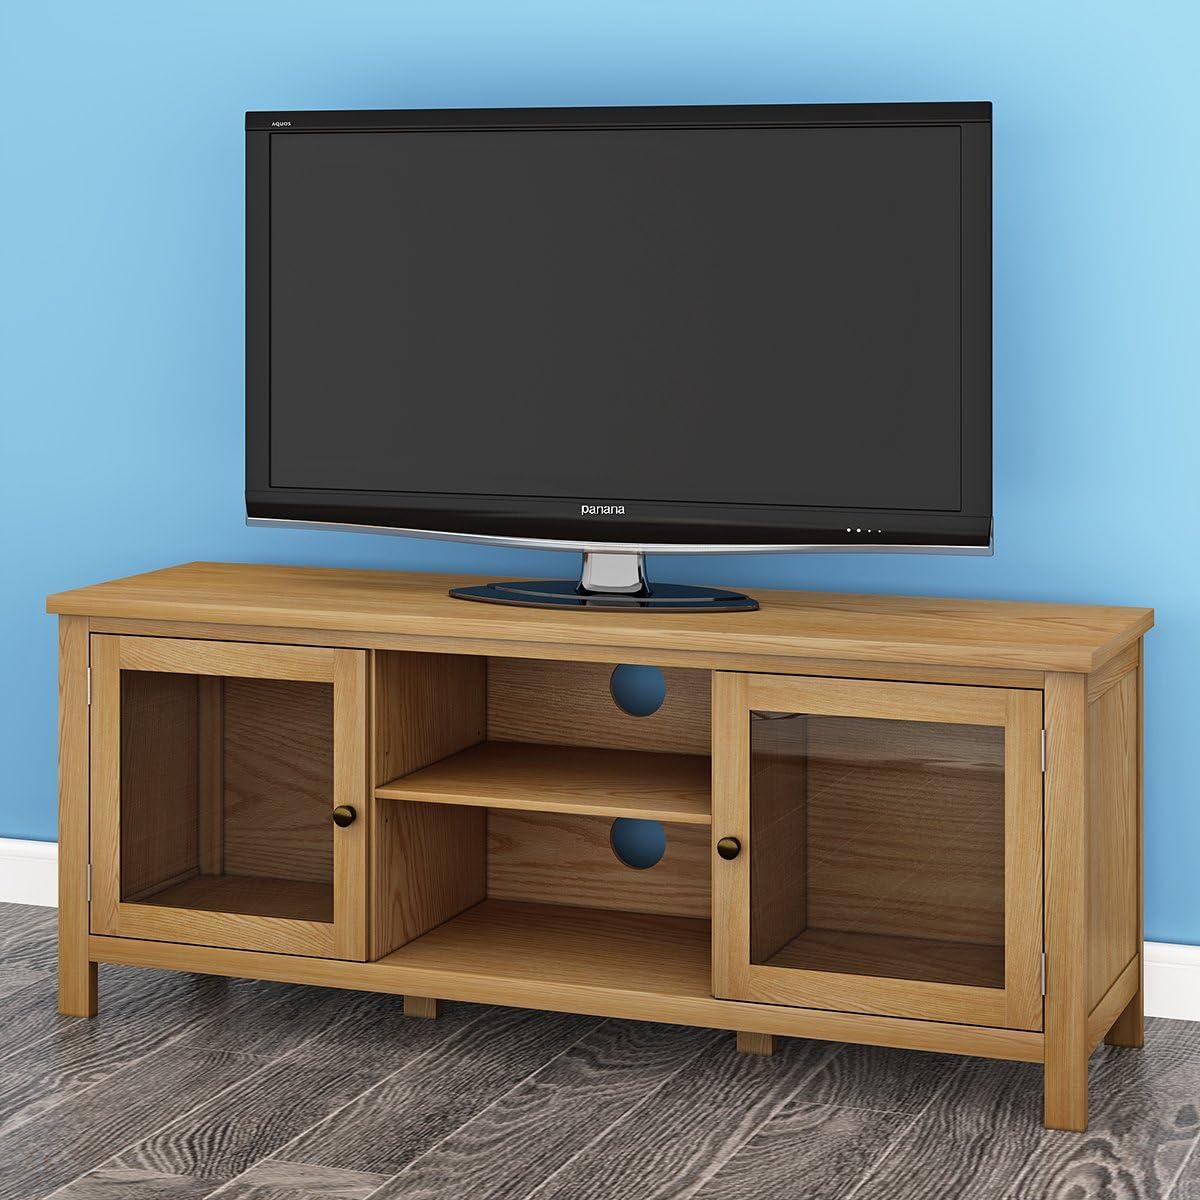 Keinode Mueble de TV Moderno de Roble Macizo para Esquina de TV, 2 Puertas, 2 estantes, Unidad de Almacenamiento de DVD para Sala de Estar o Dormitorio Type A: Amazon.es: Electrónica